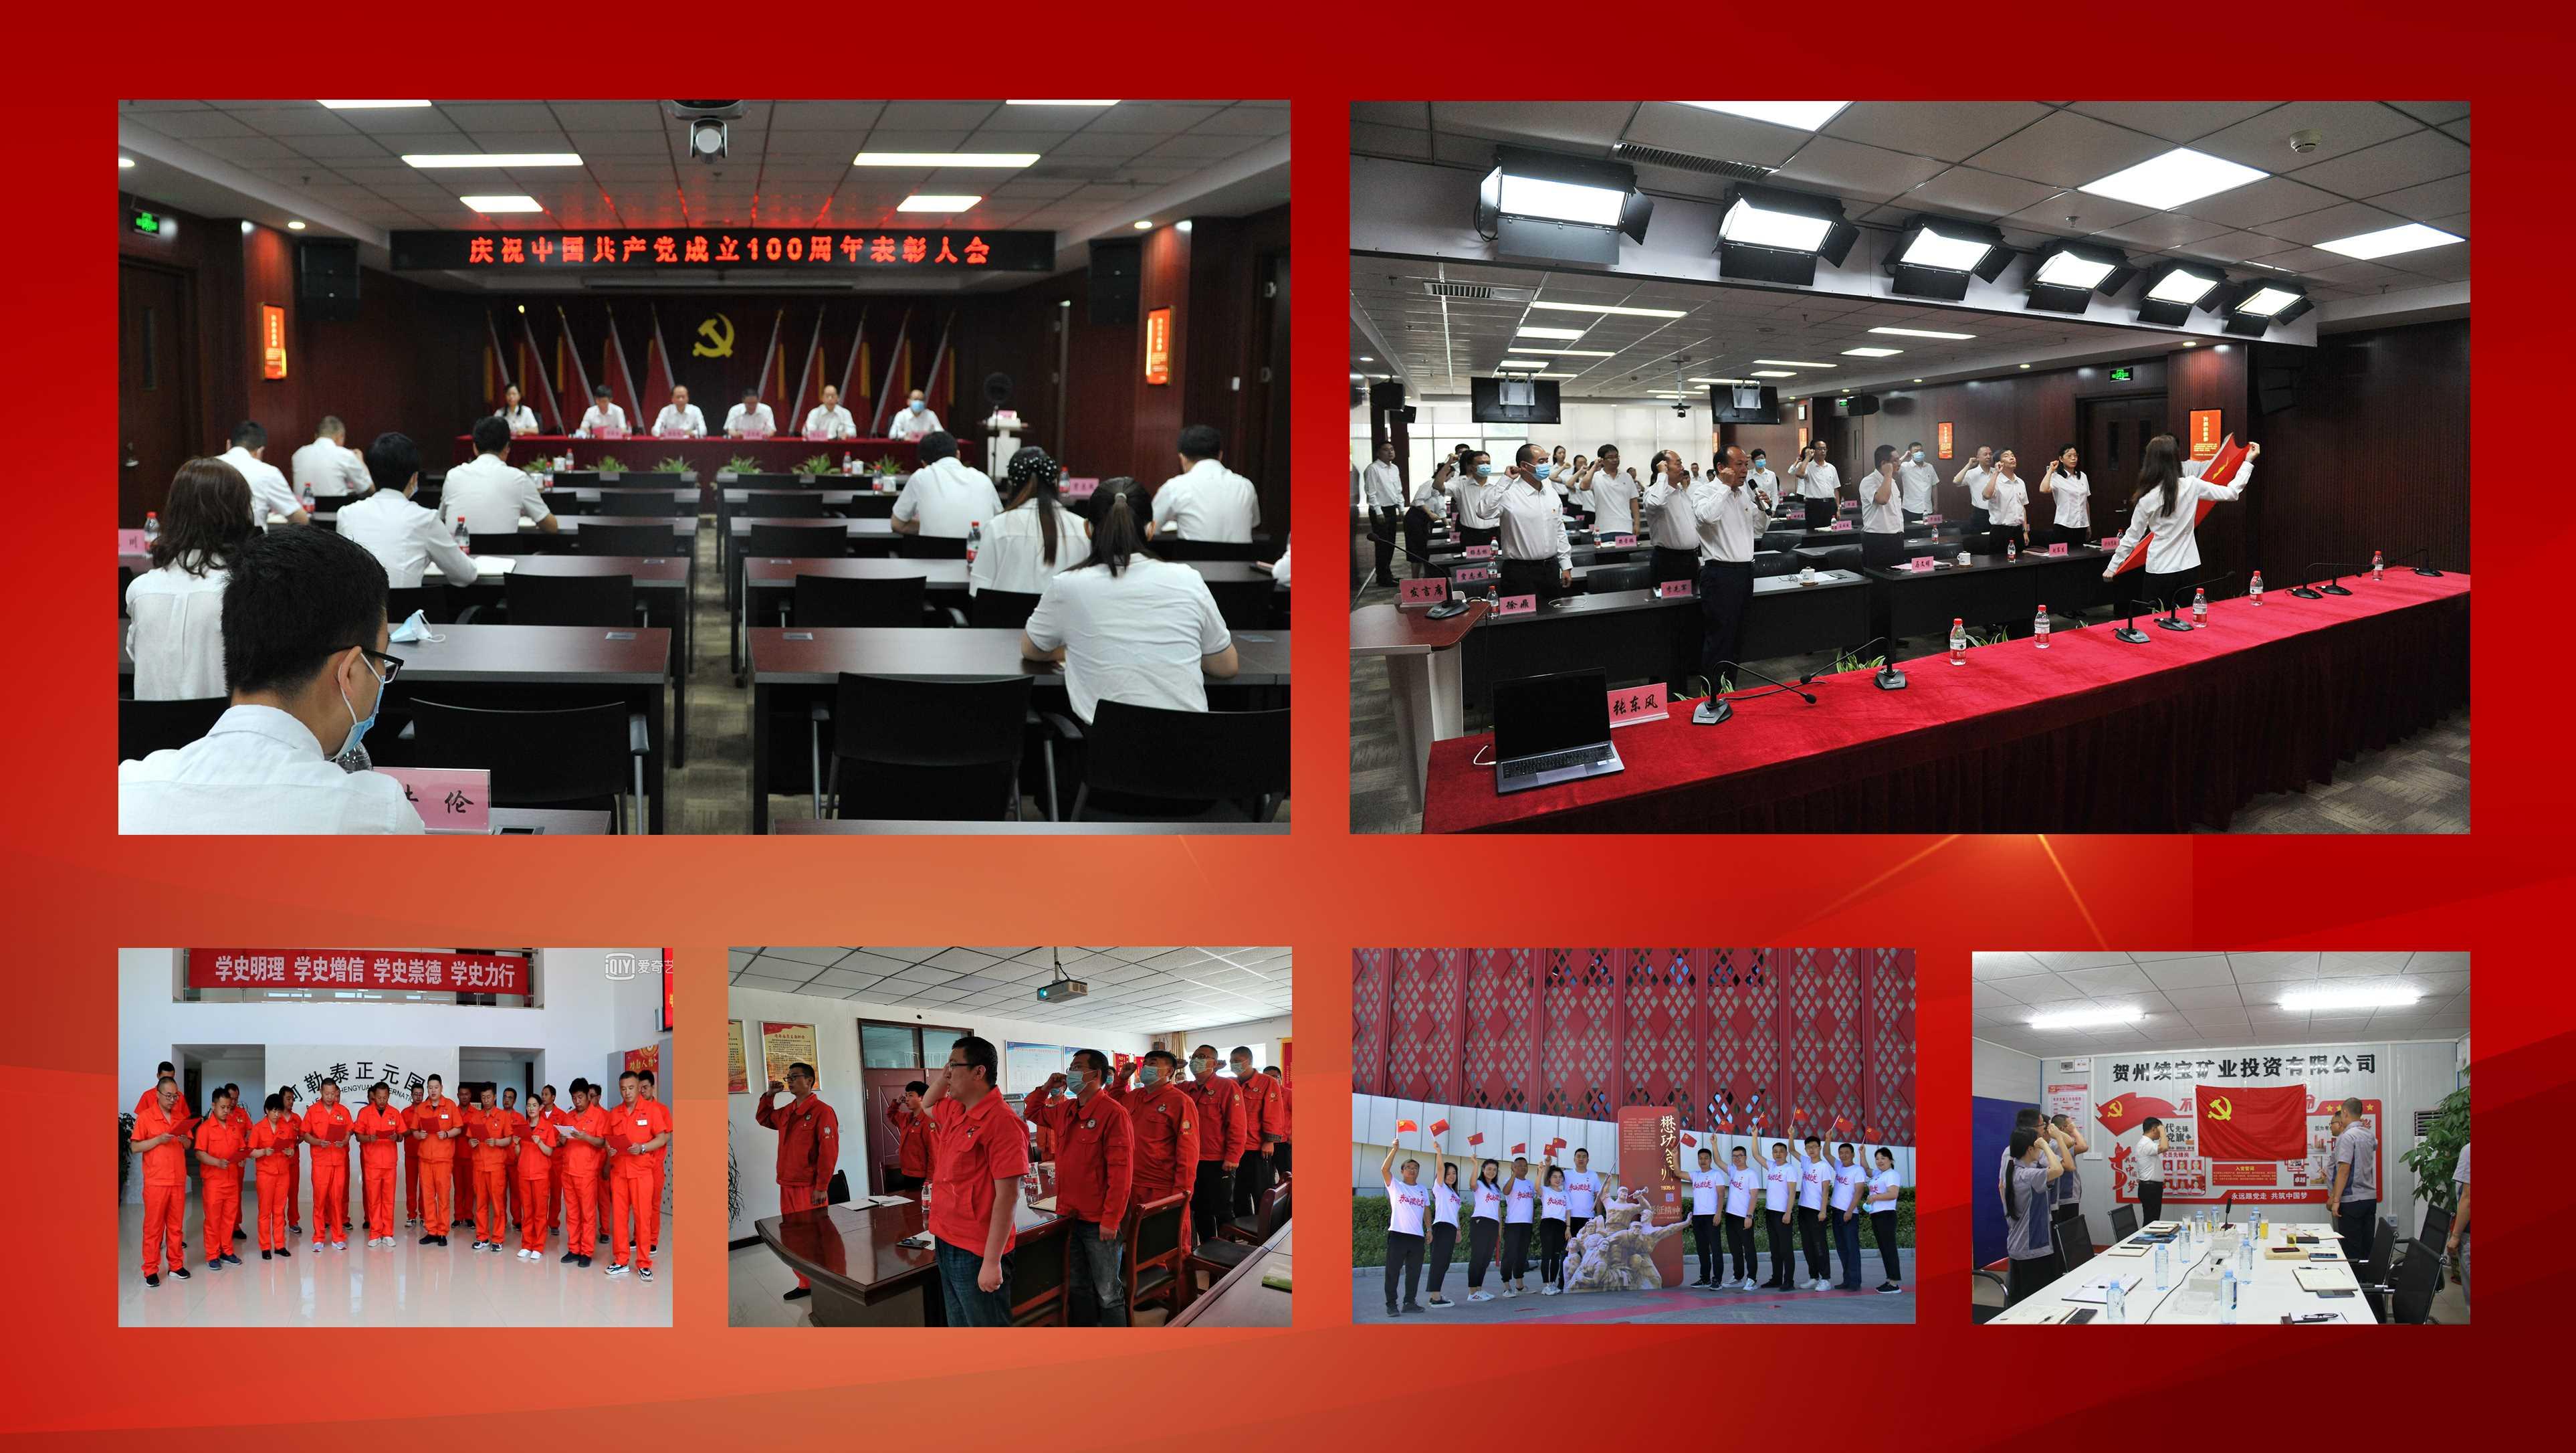 公司黨委舉辦慶祝中國共產黨成立100周年慶祝大會